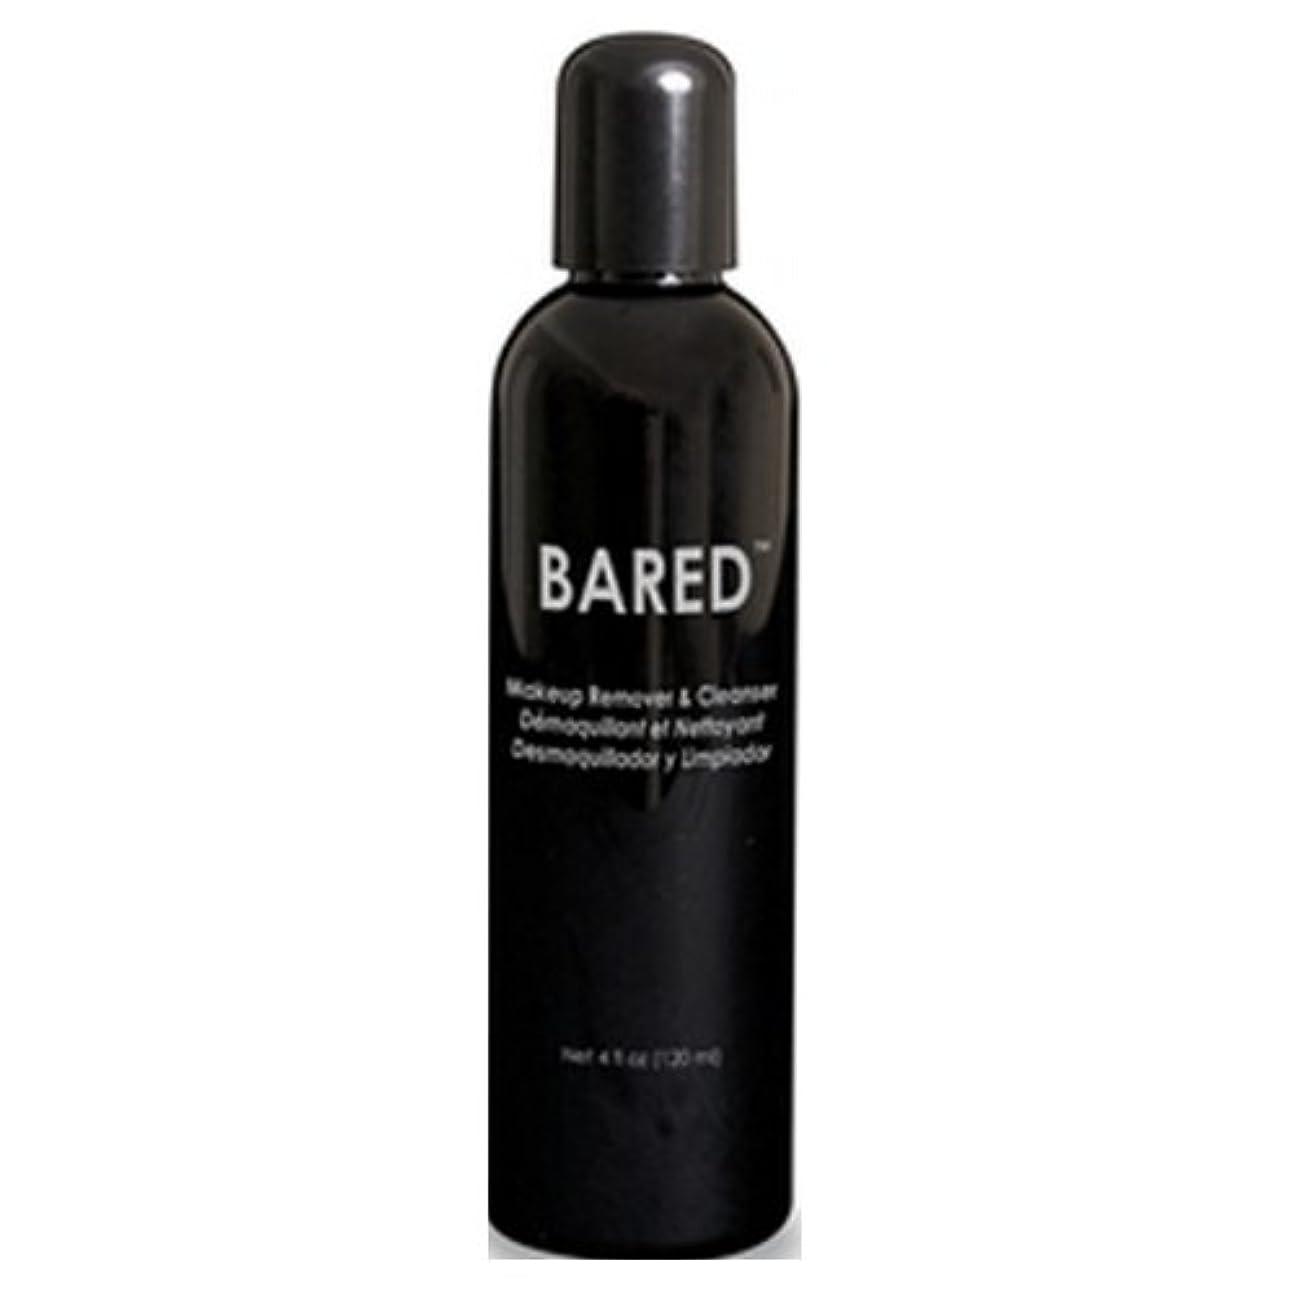 噴出するどこか文句を言うmehron Bared Makeup Remover and Cleanser - Clear (並行輸入品)